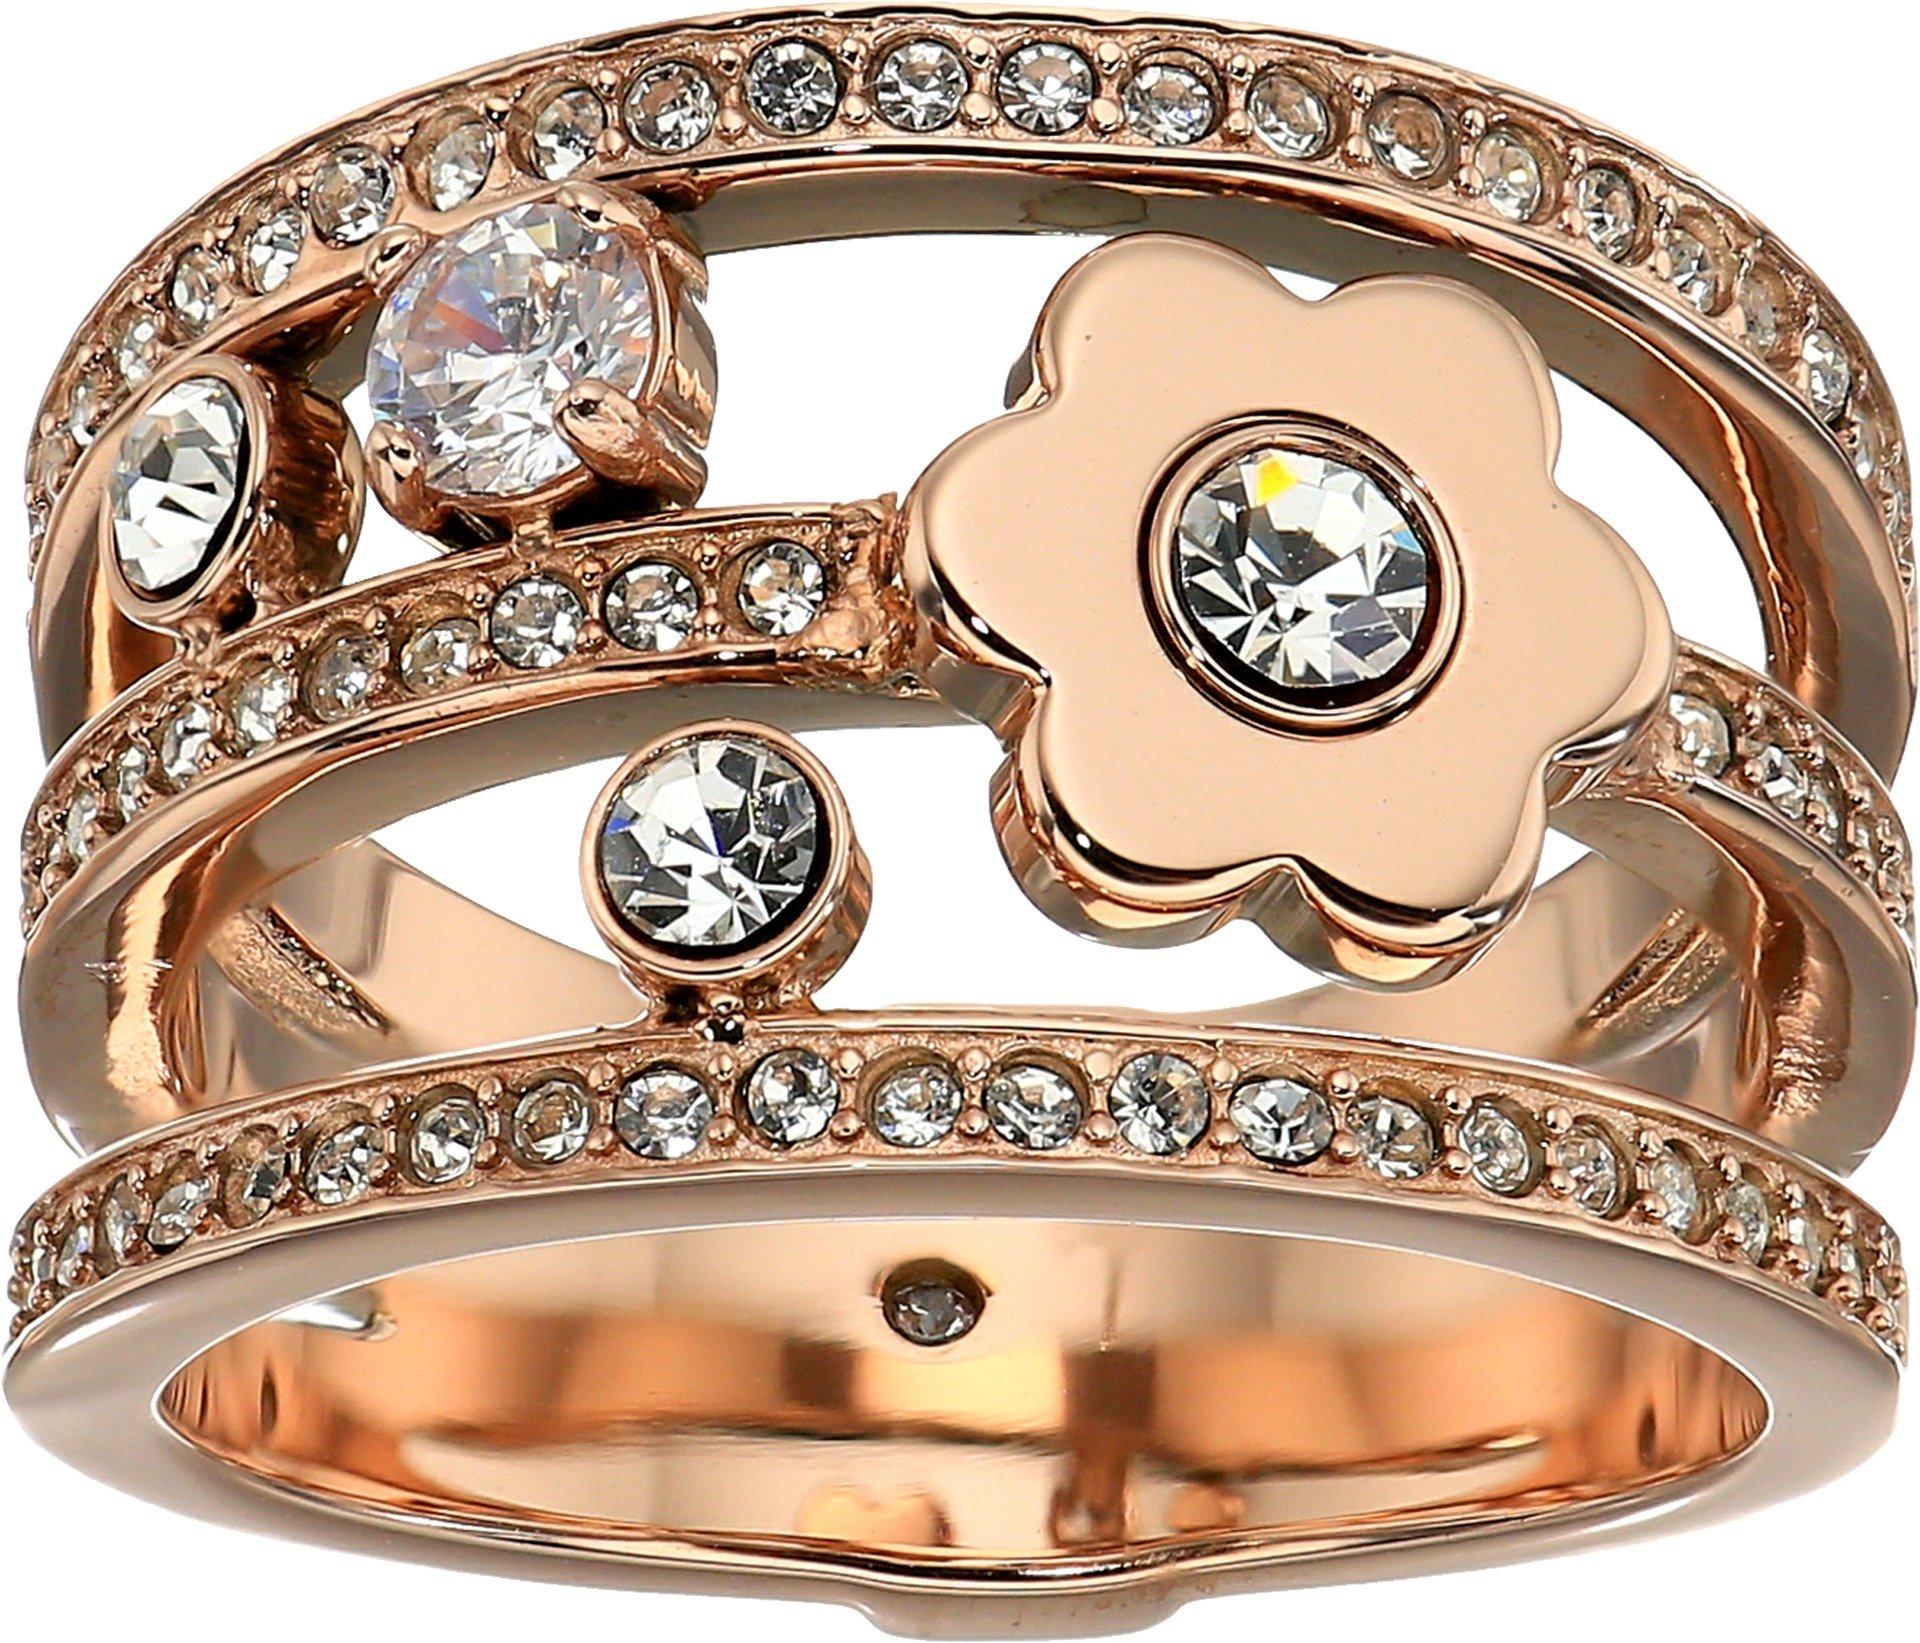 Michael Kors Womens Rose Gold-Tone Flower Ring, 8